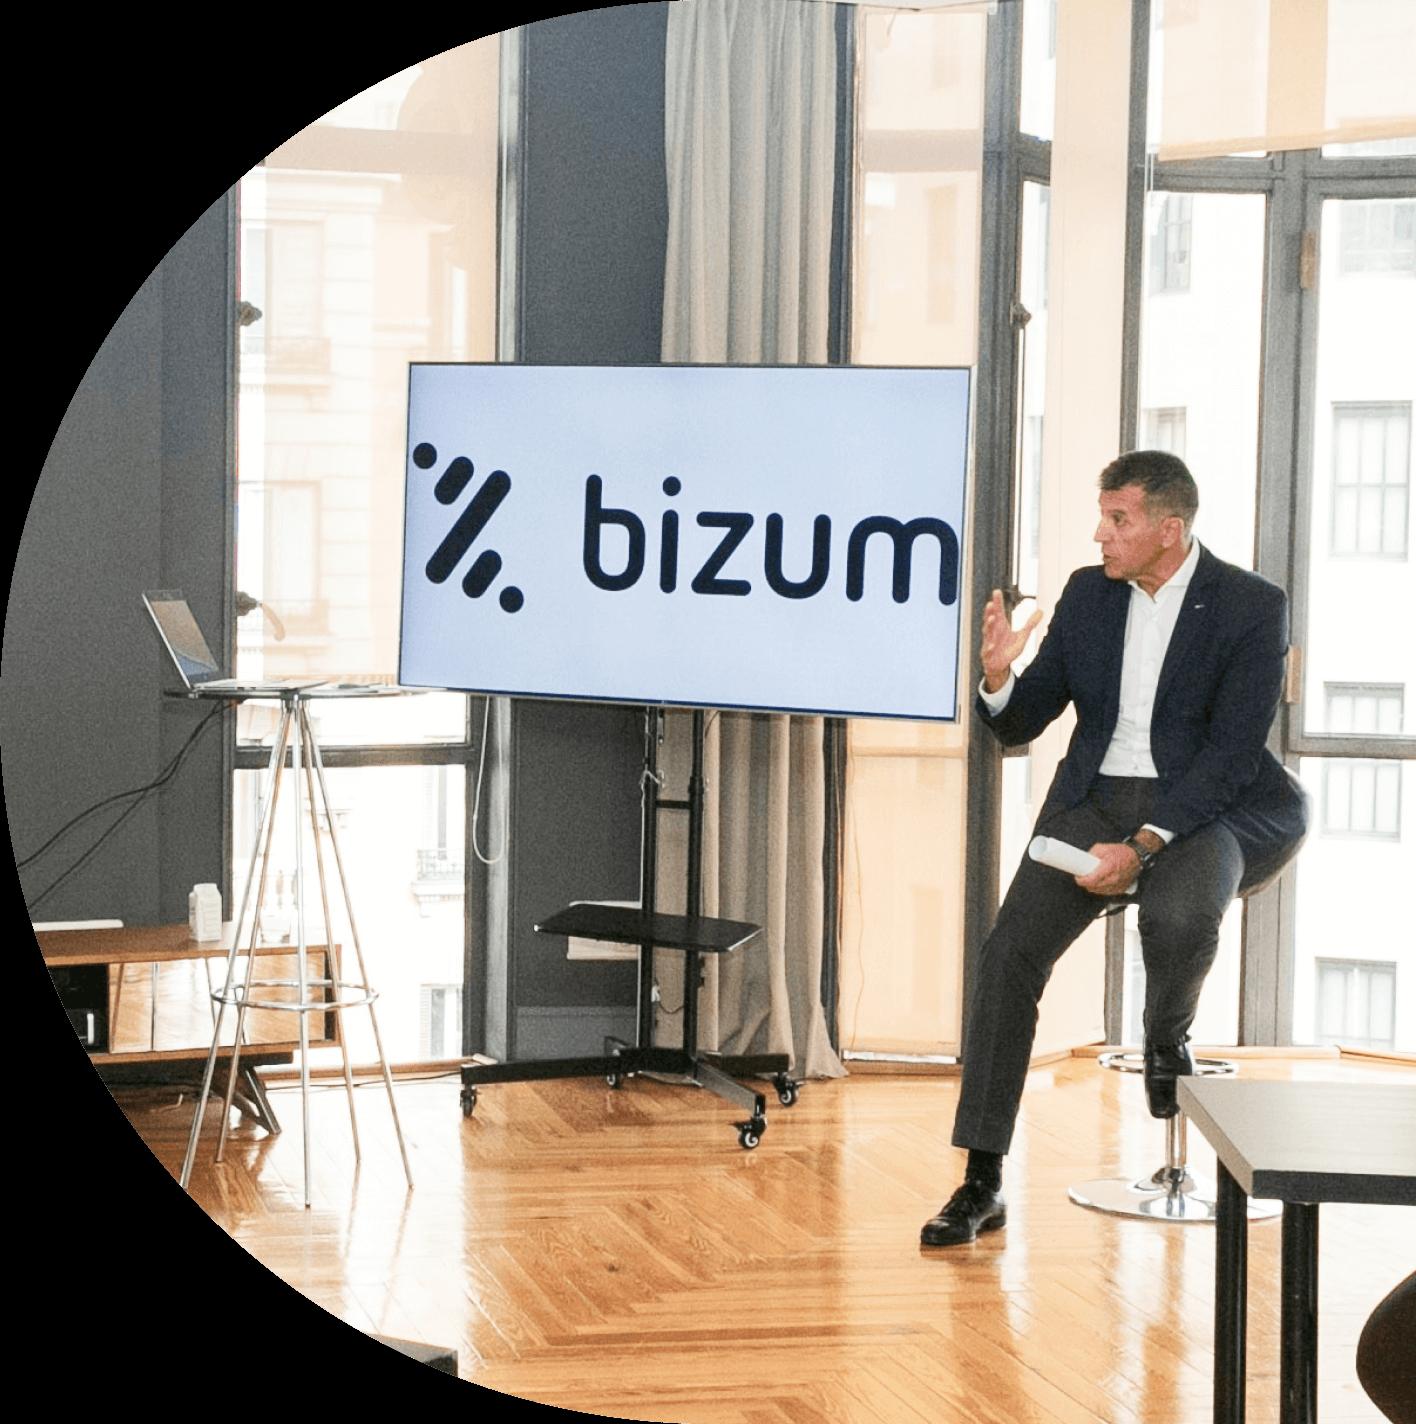 Bizum: Conoce sobre nosotros, nuestra historia y nuestra misión.